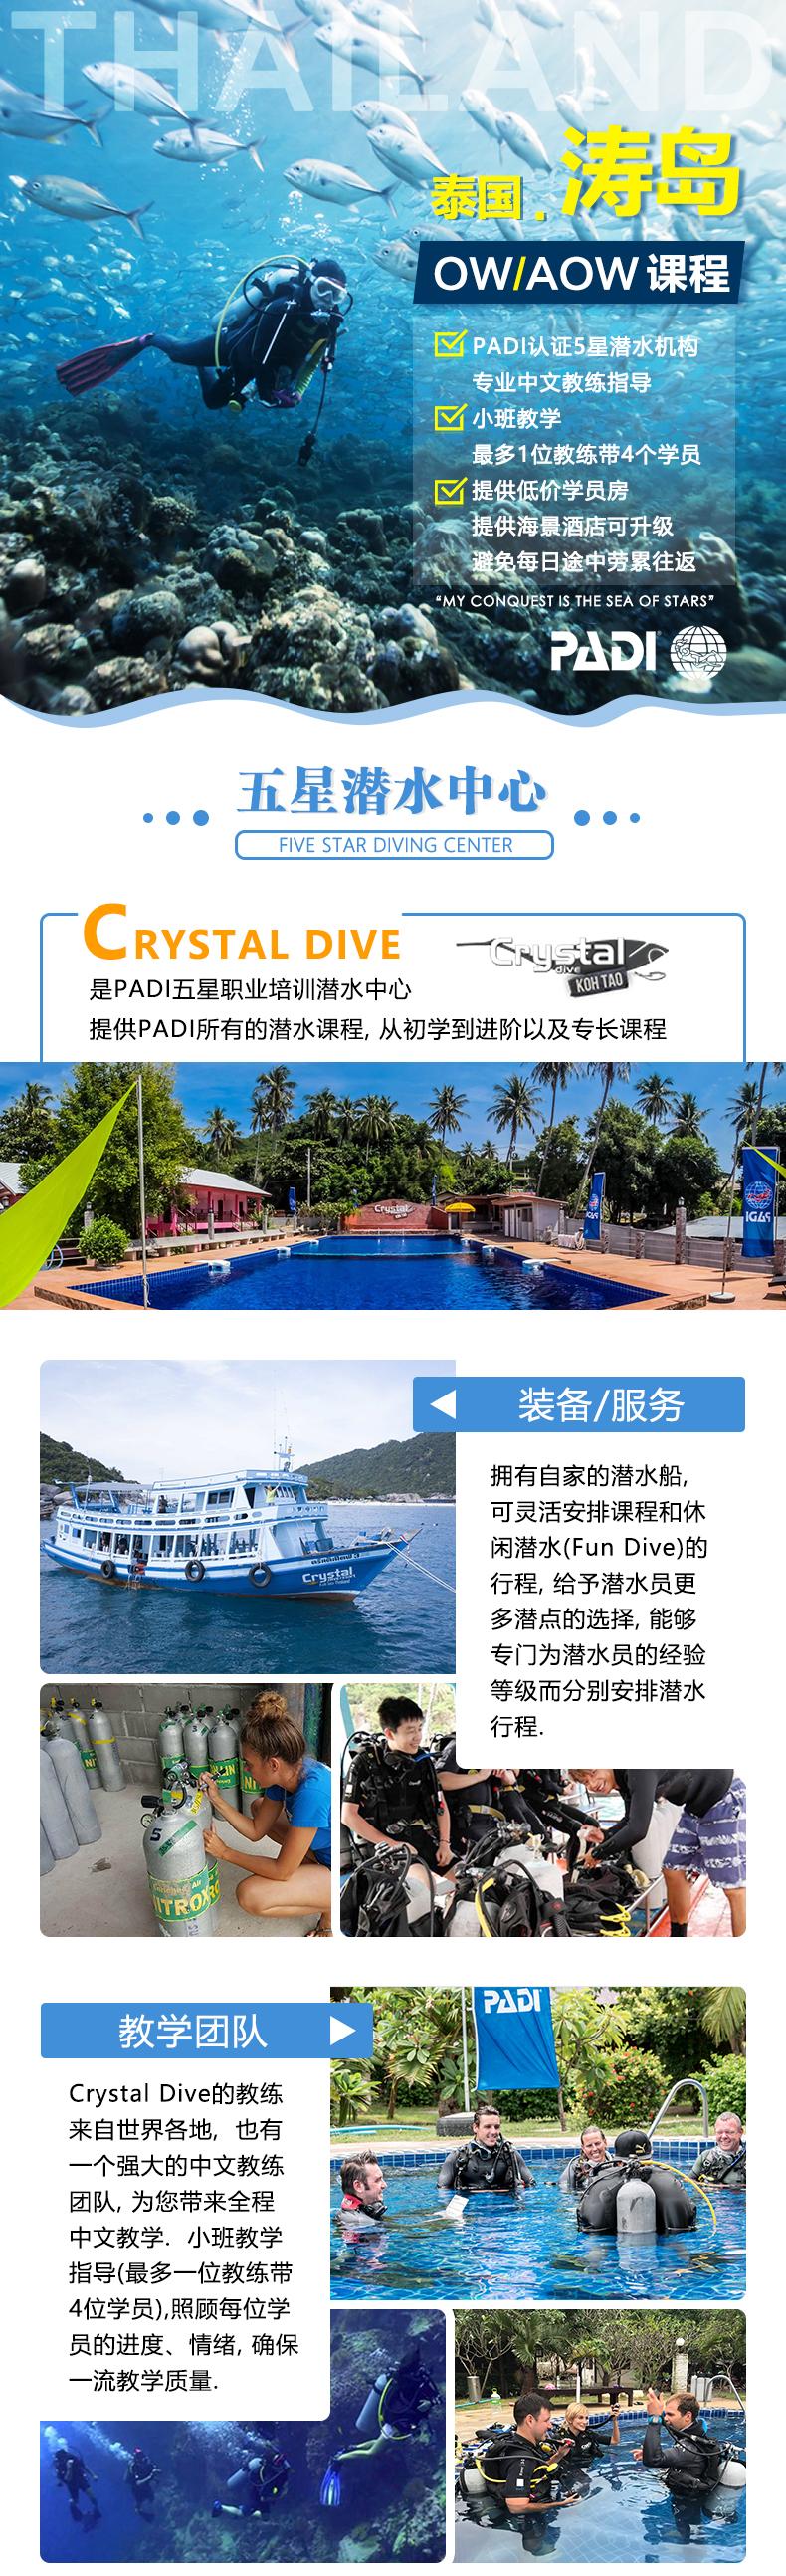 泰国涛岛 Crystal Dive 龟岛潜水 PADI OW/AOW 考证教学课程 潜水证